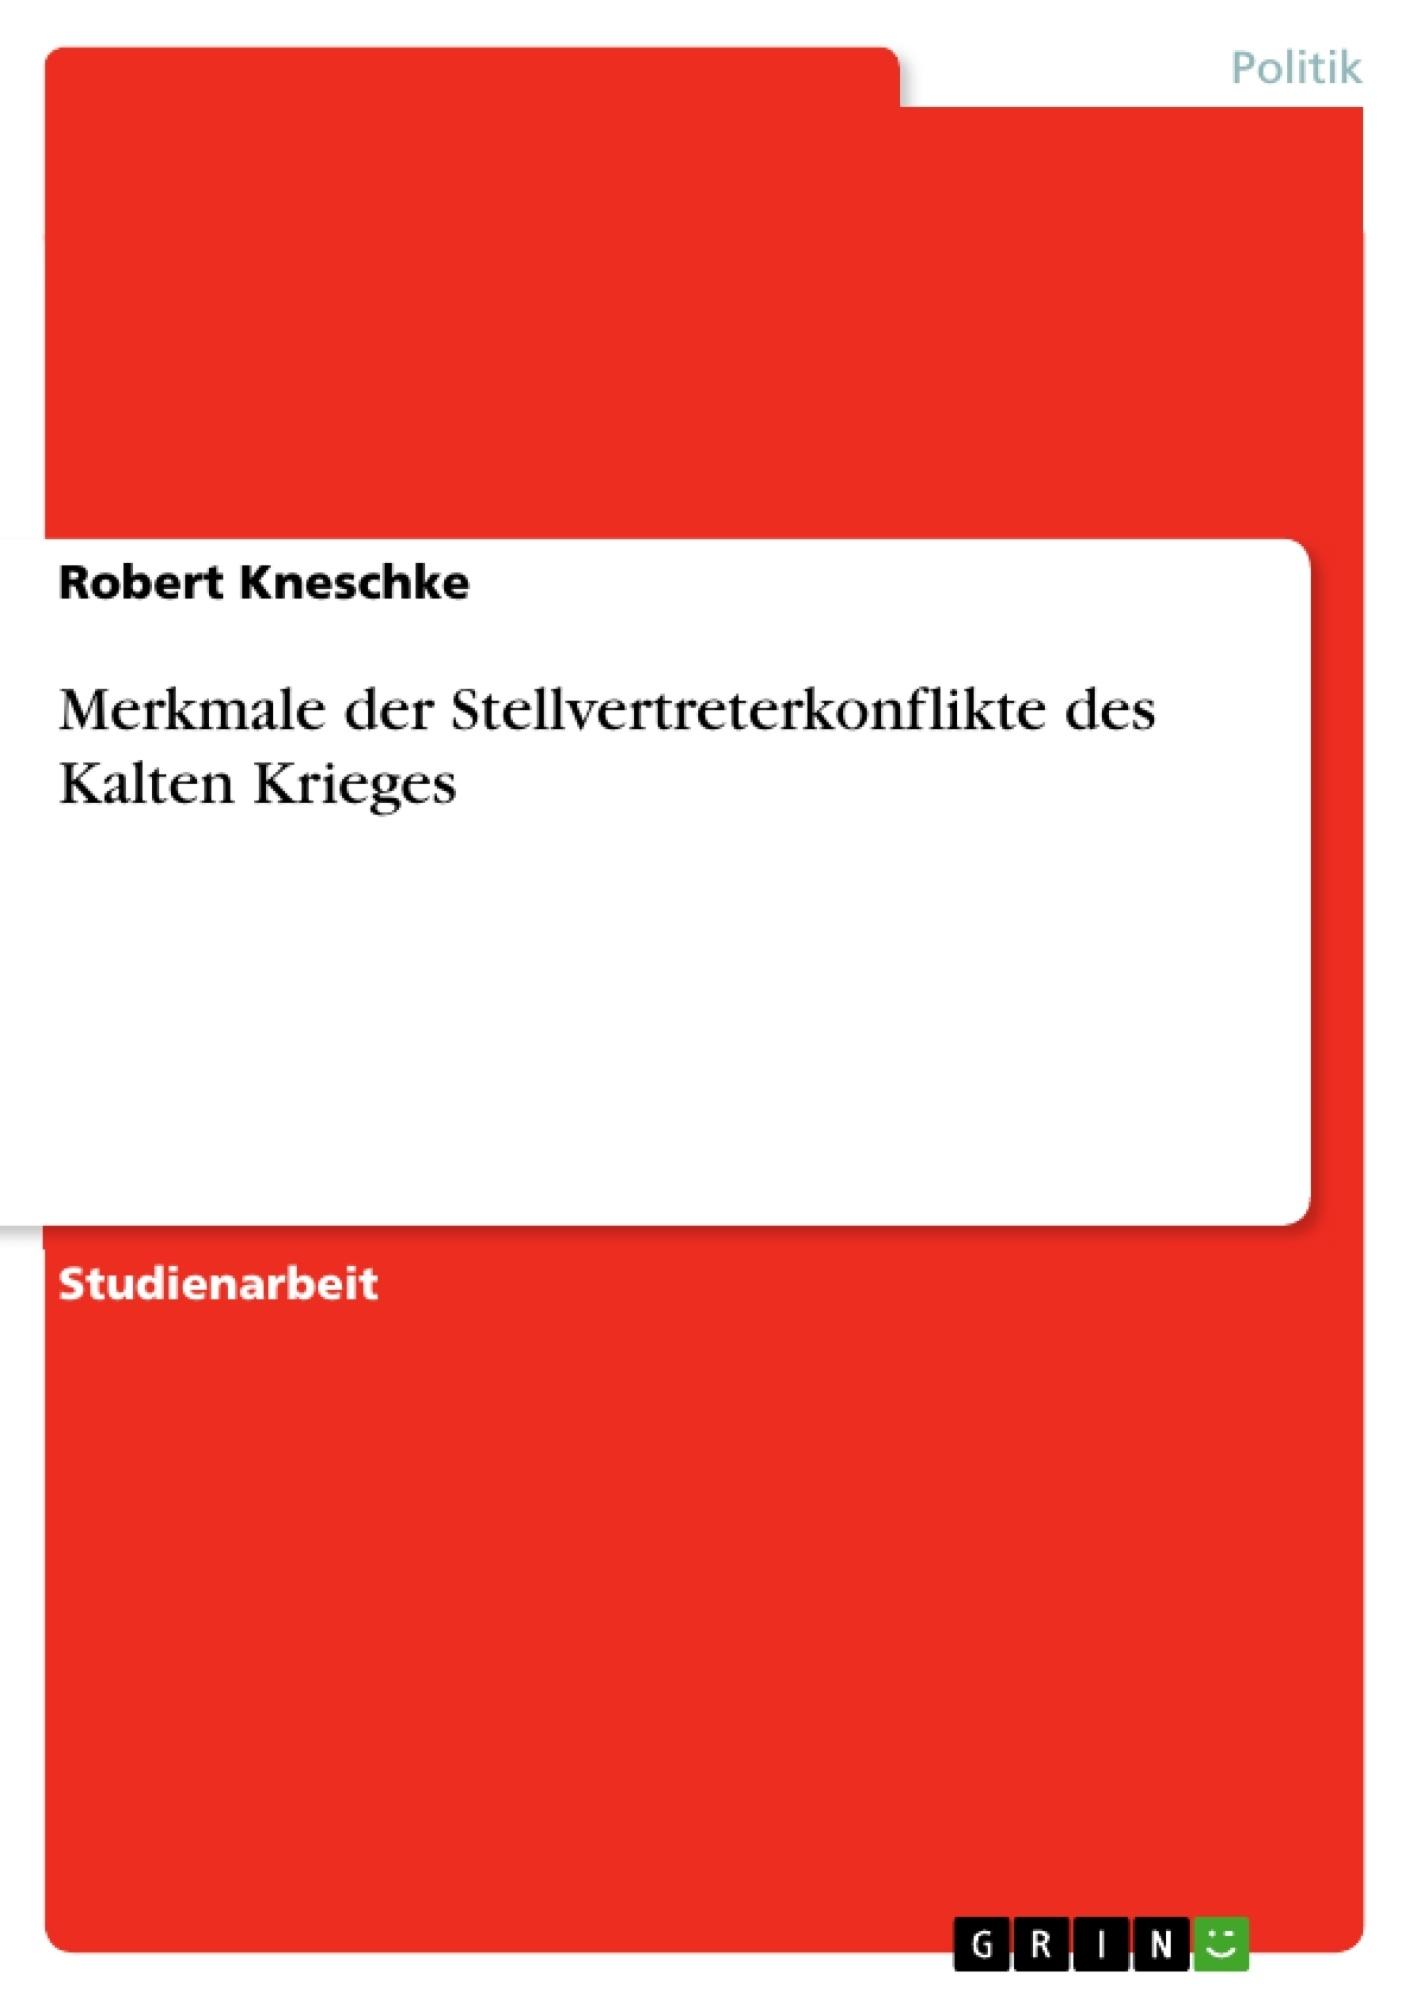 Titel: Merkmale der Stellvertreterkonflikte des Kalten Krieges